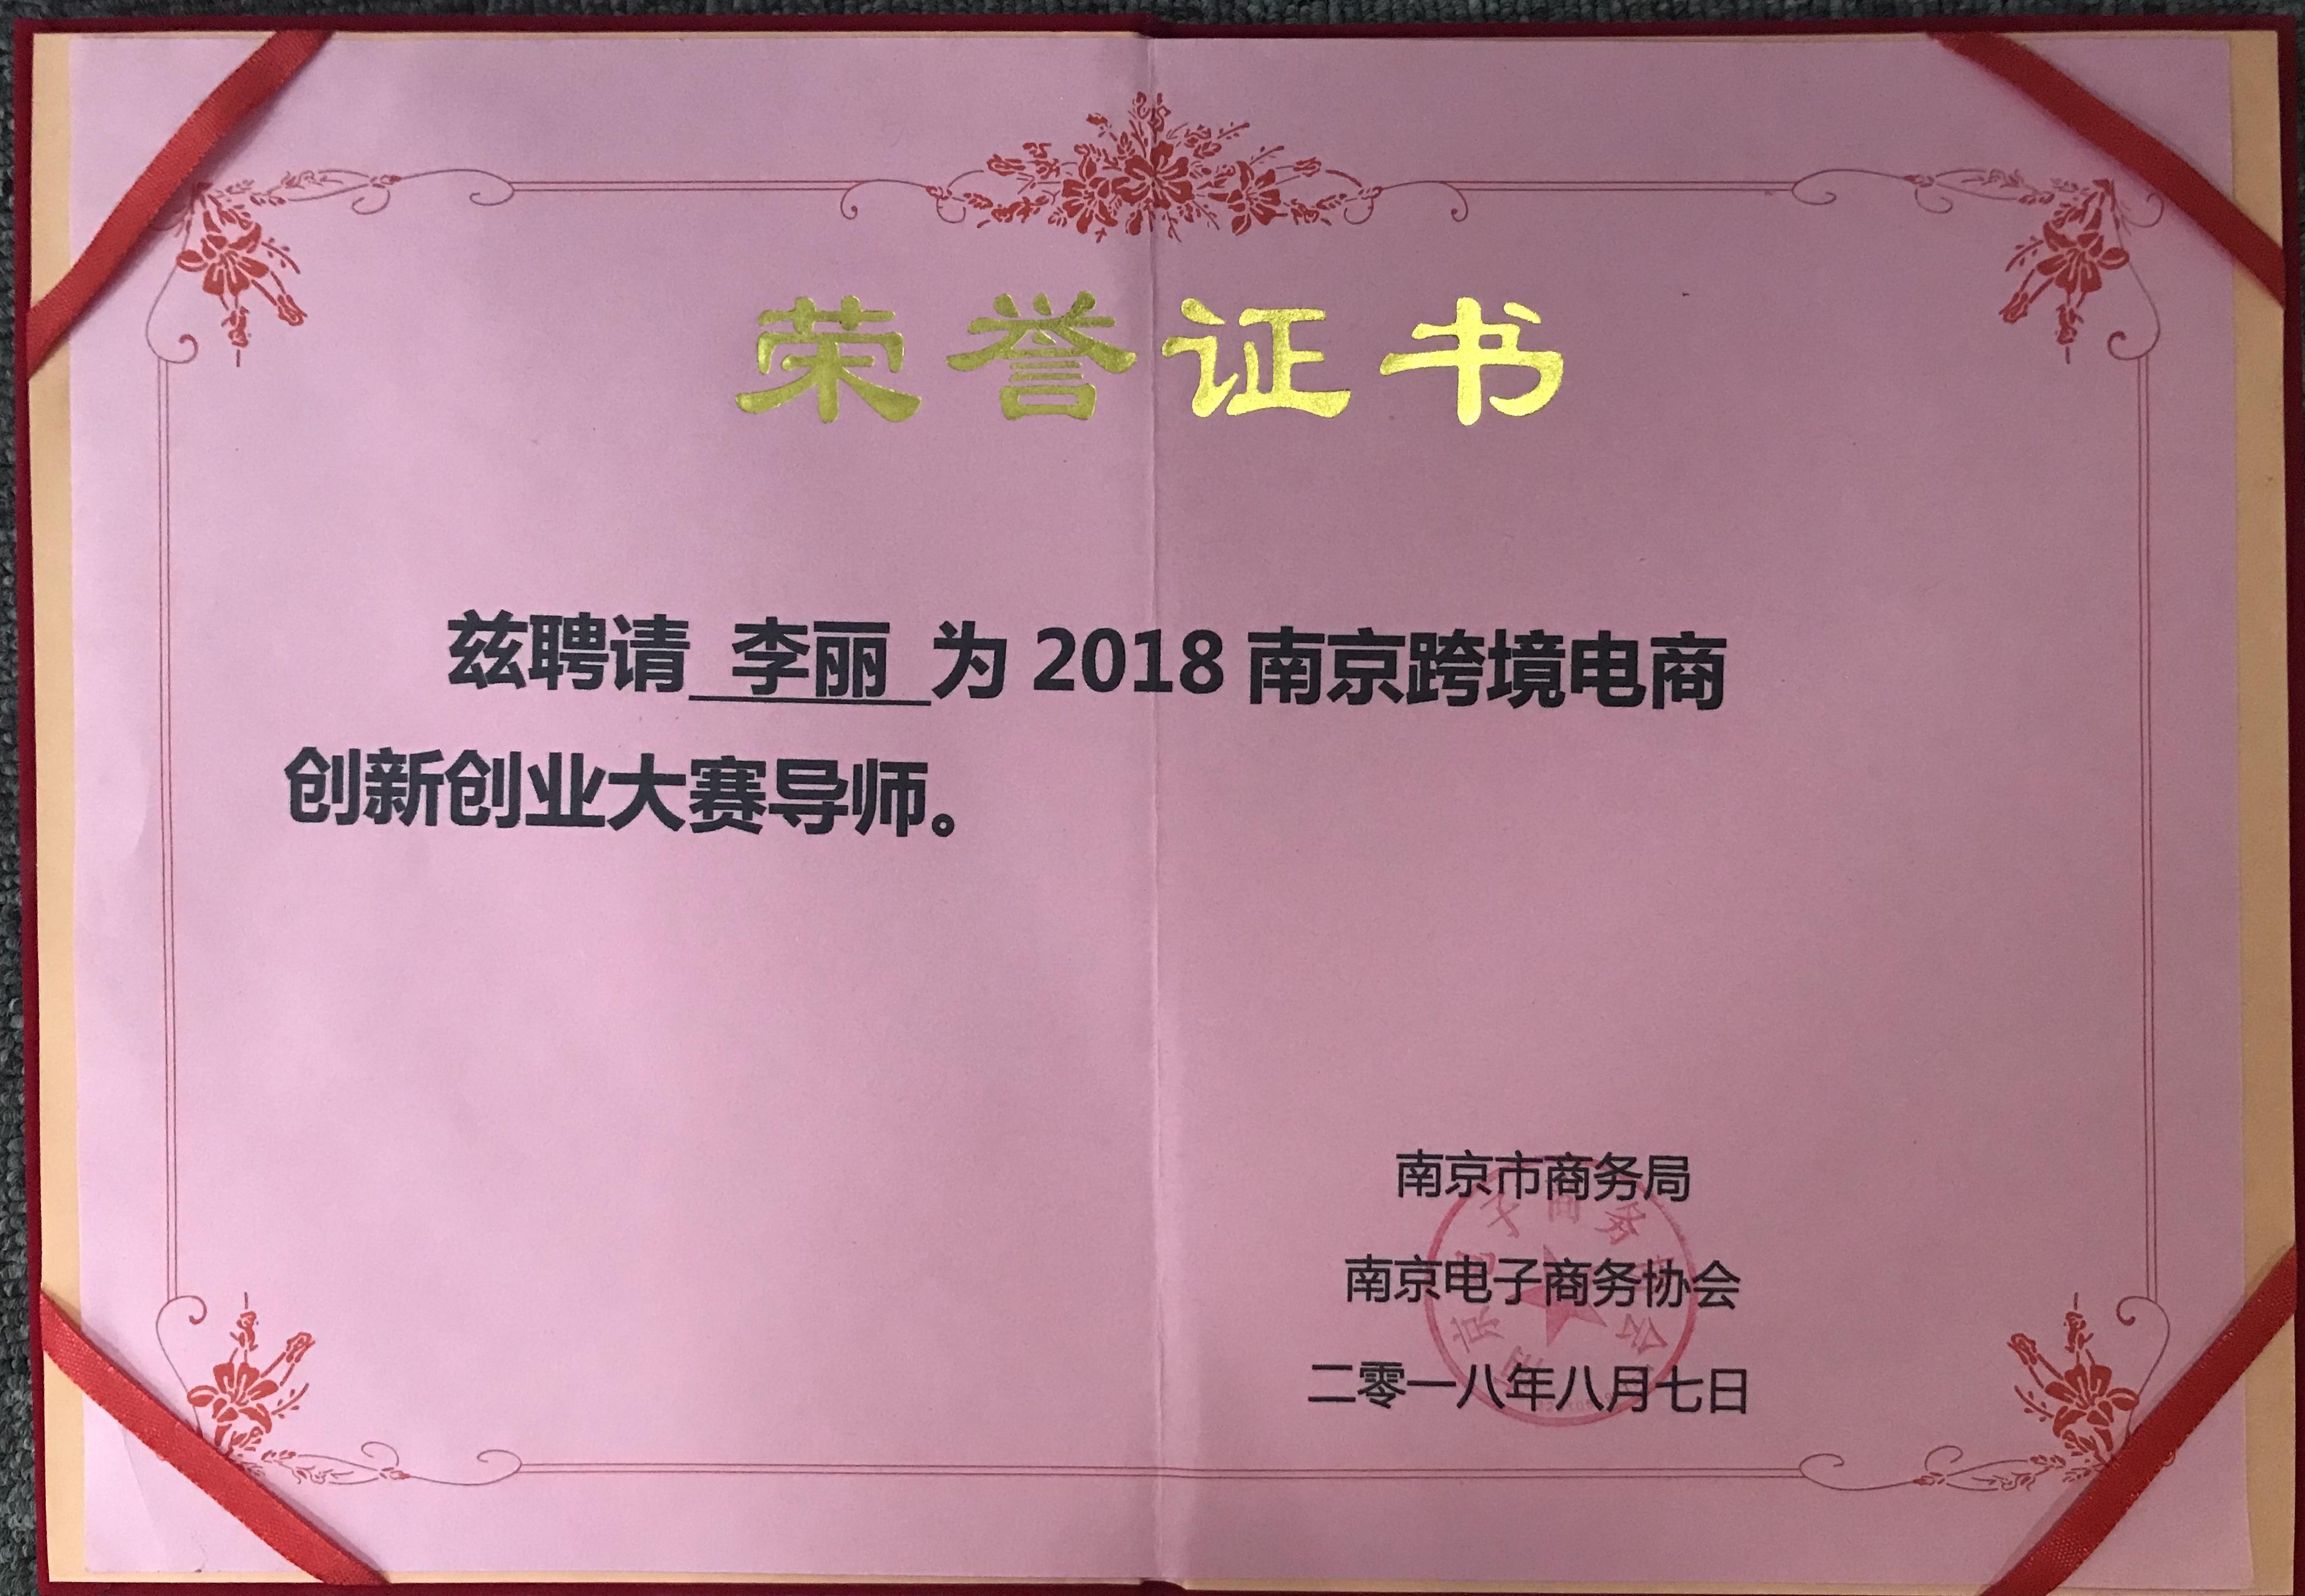 榮獲南京市商務局主辦的跨境電商創業創新大賽協辦單位及評委、導師